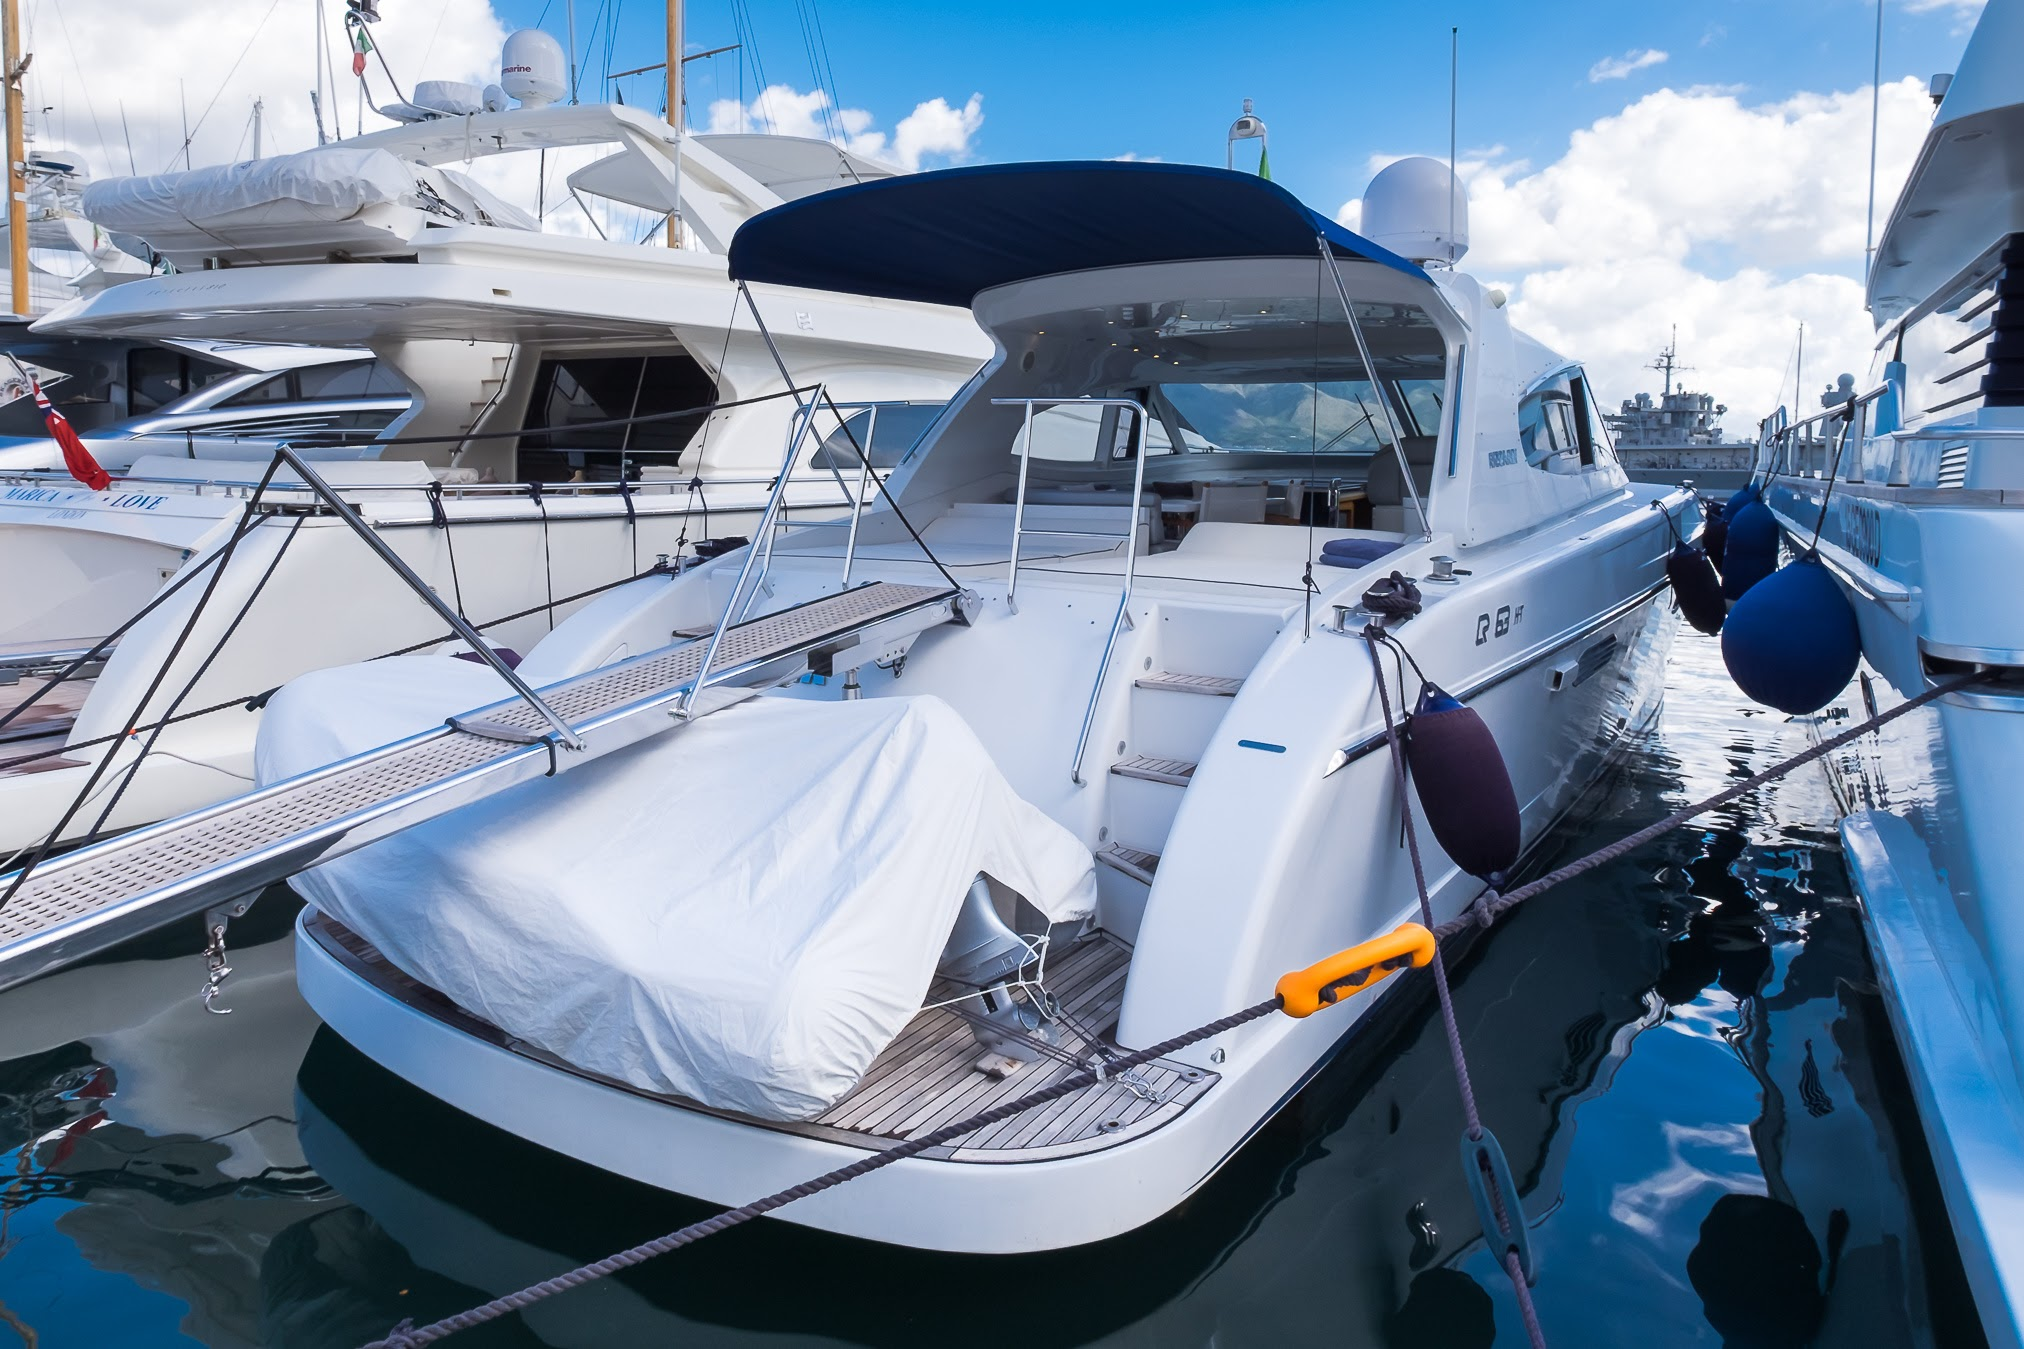 Rizzardi 63 39 usato moracasso yacht for Cabine di pesca nel ghiaccio alberta